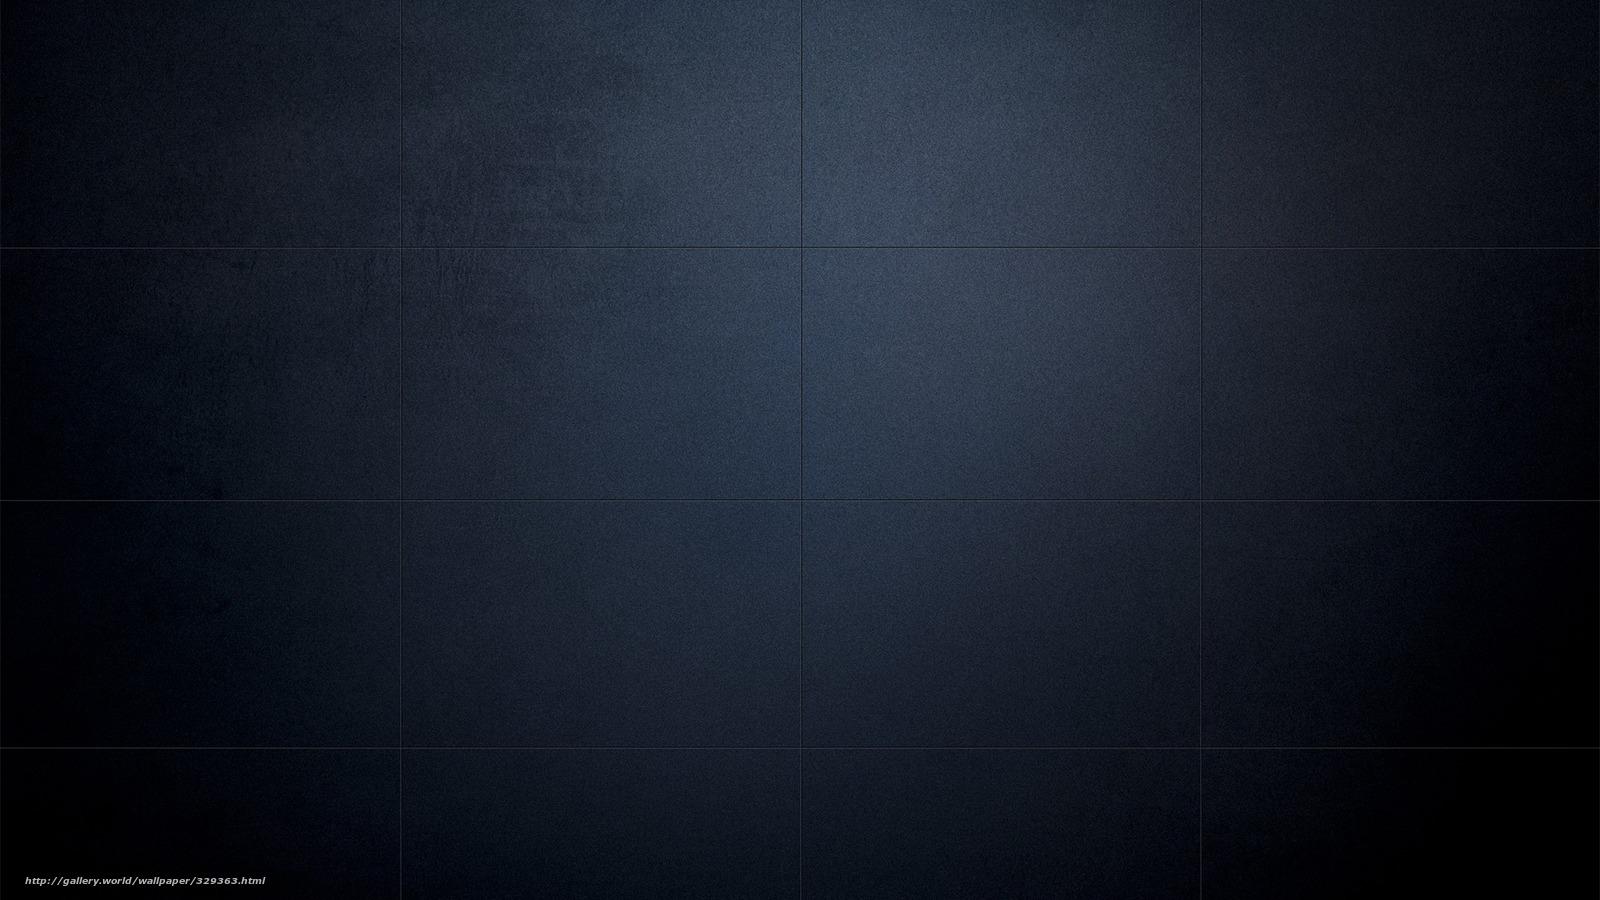 Escuro fundo minimalismo azul parede blocos banda luz sombra